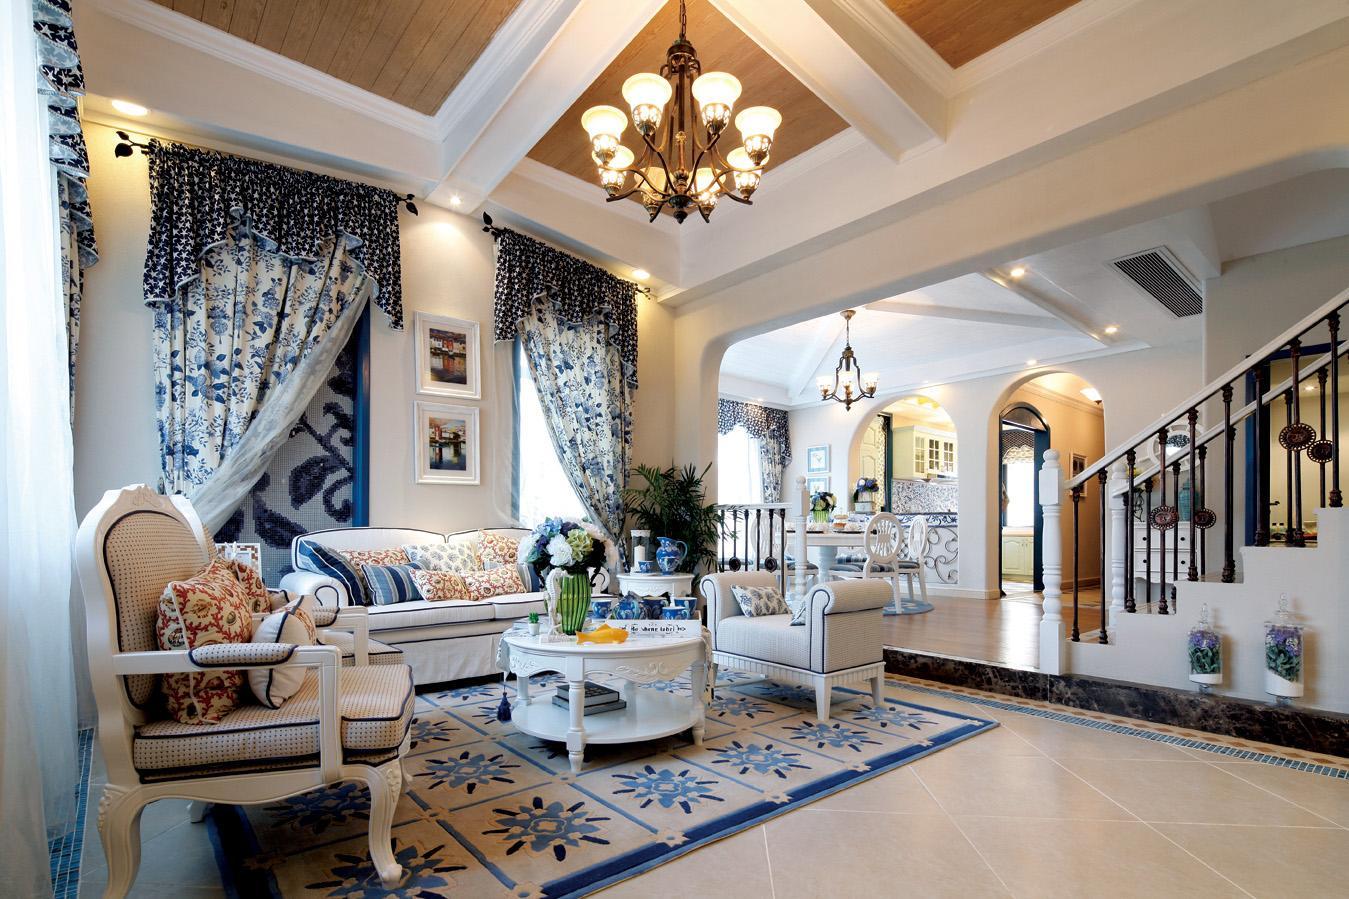 成都别墅装修 偏小清新的地中海风格设计